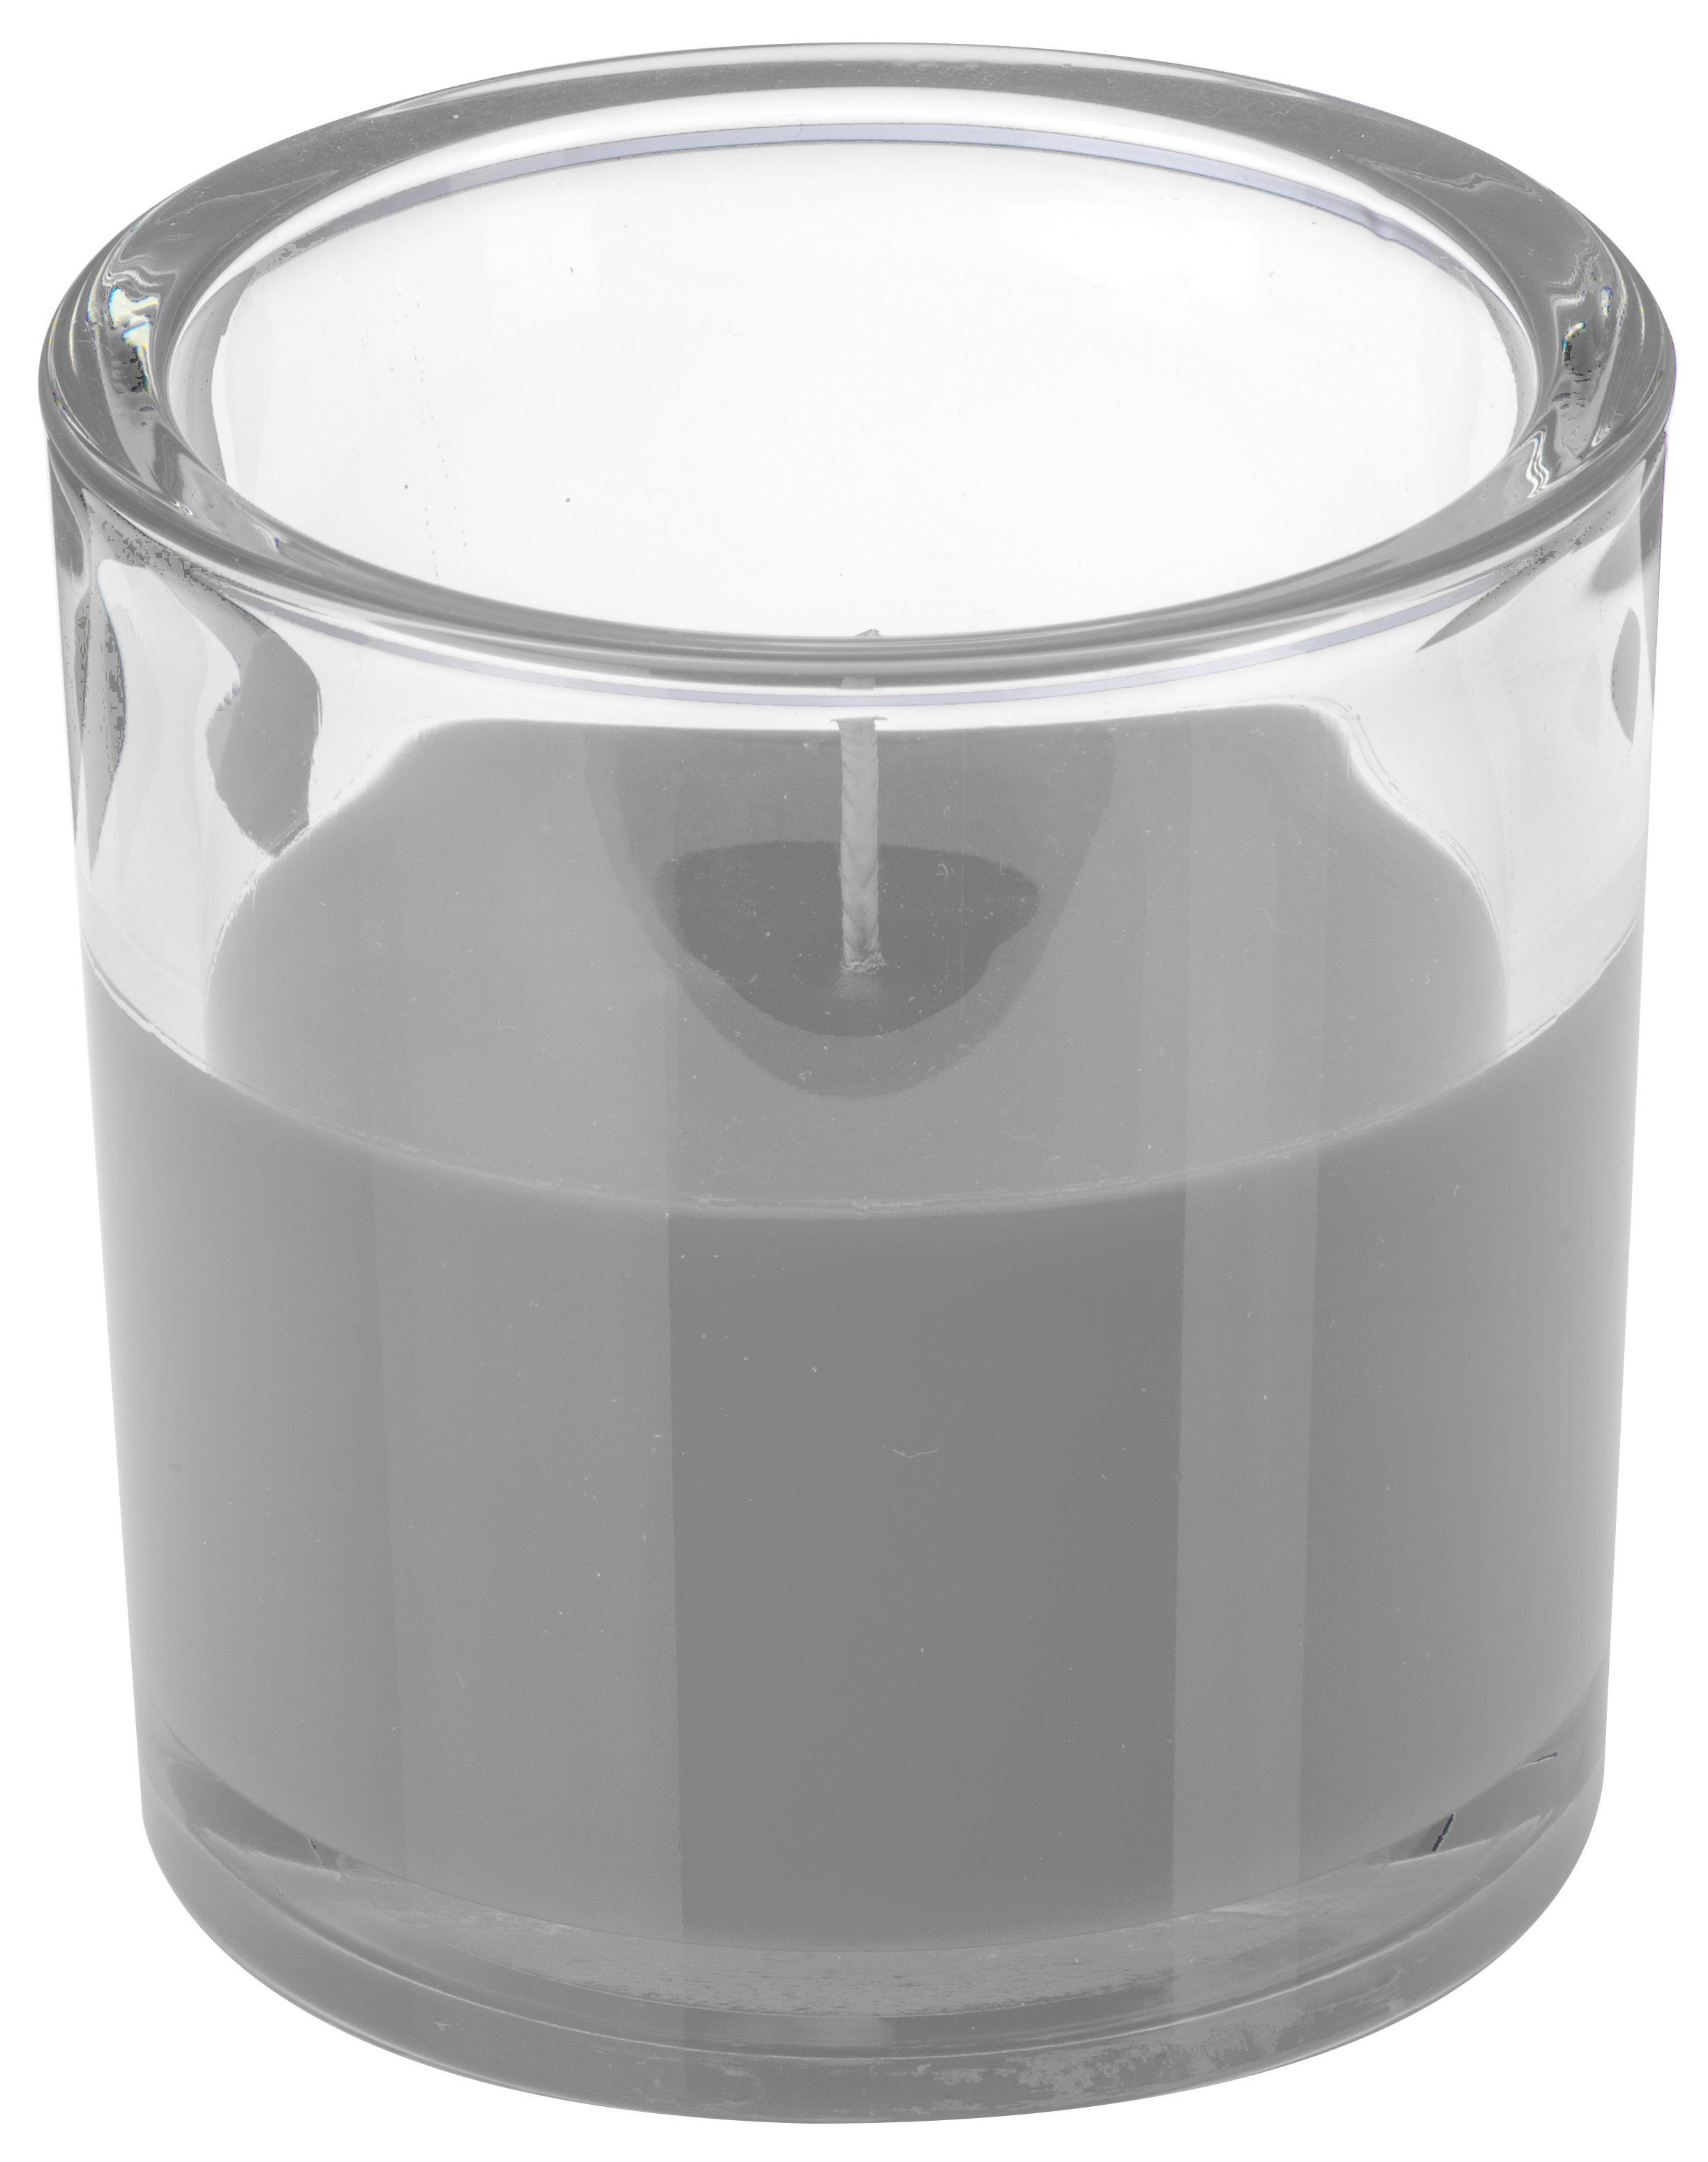 Svíčka ve skle Elegant šedá 10/10cm Gala kerzen